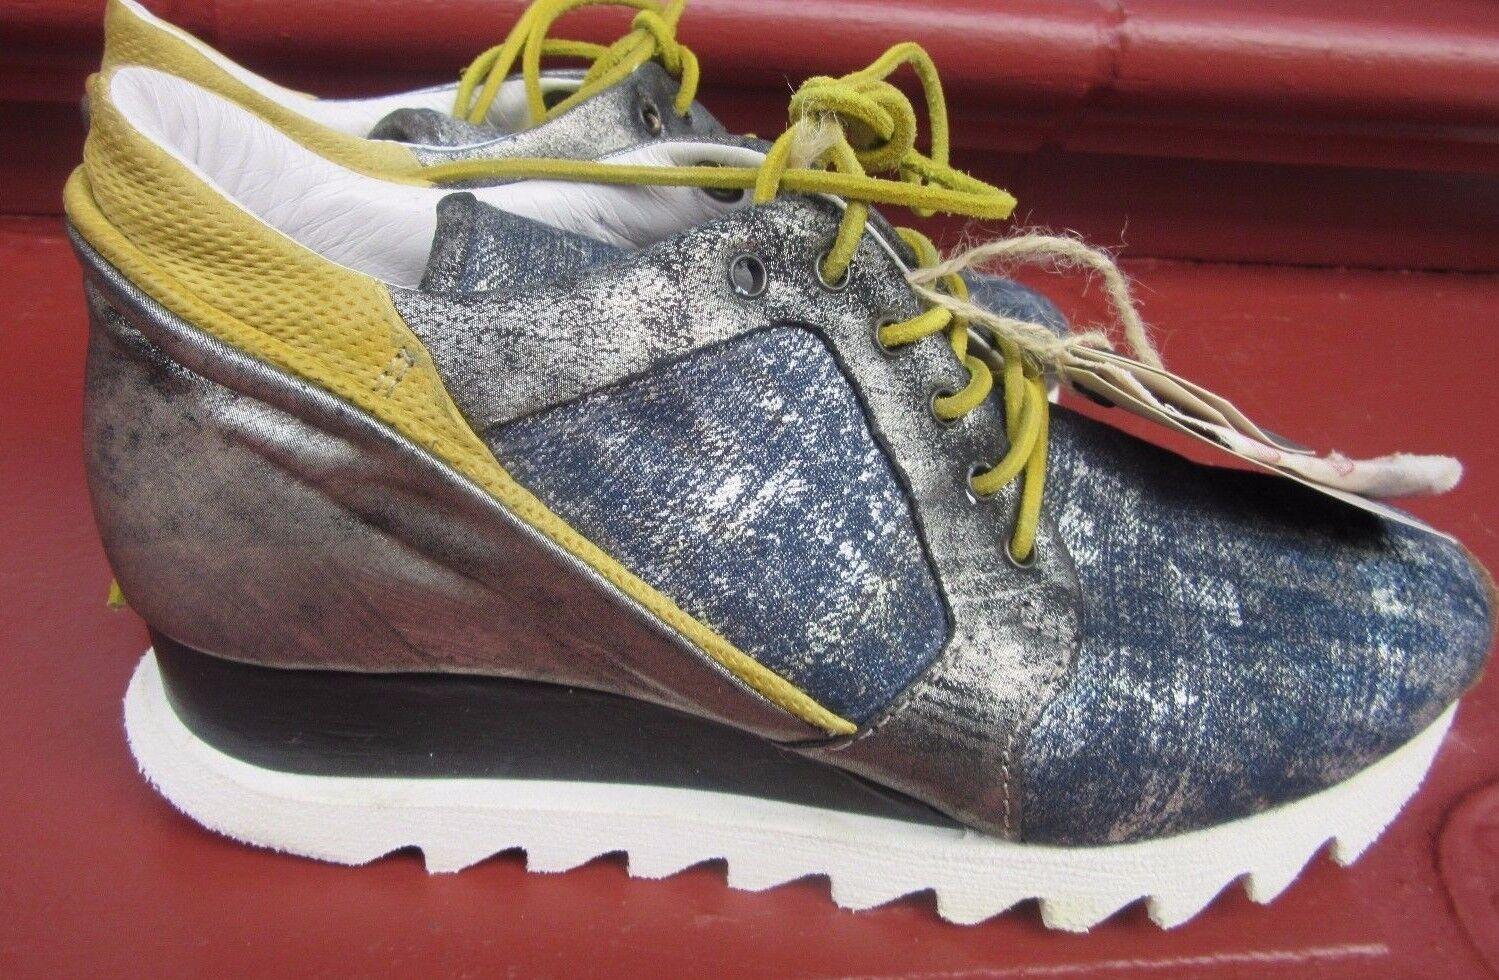 Airstep A.S.98 Schnürer Damen Schuhe blau komb. Gr. 41 NEU